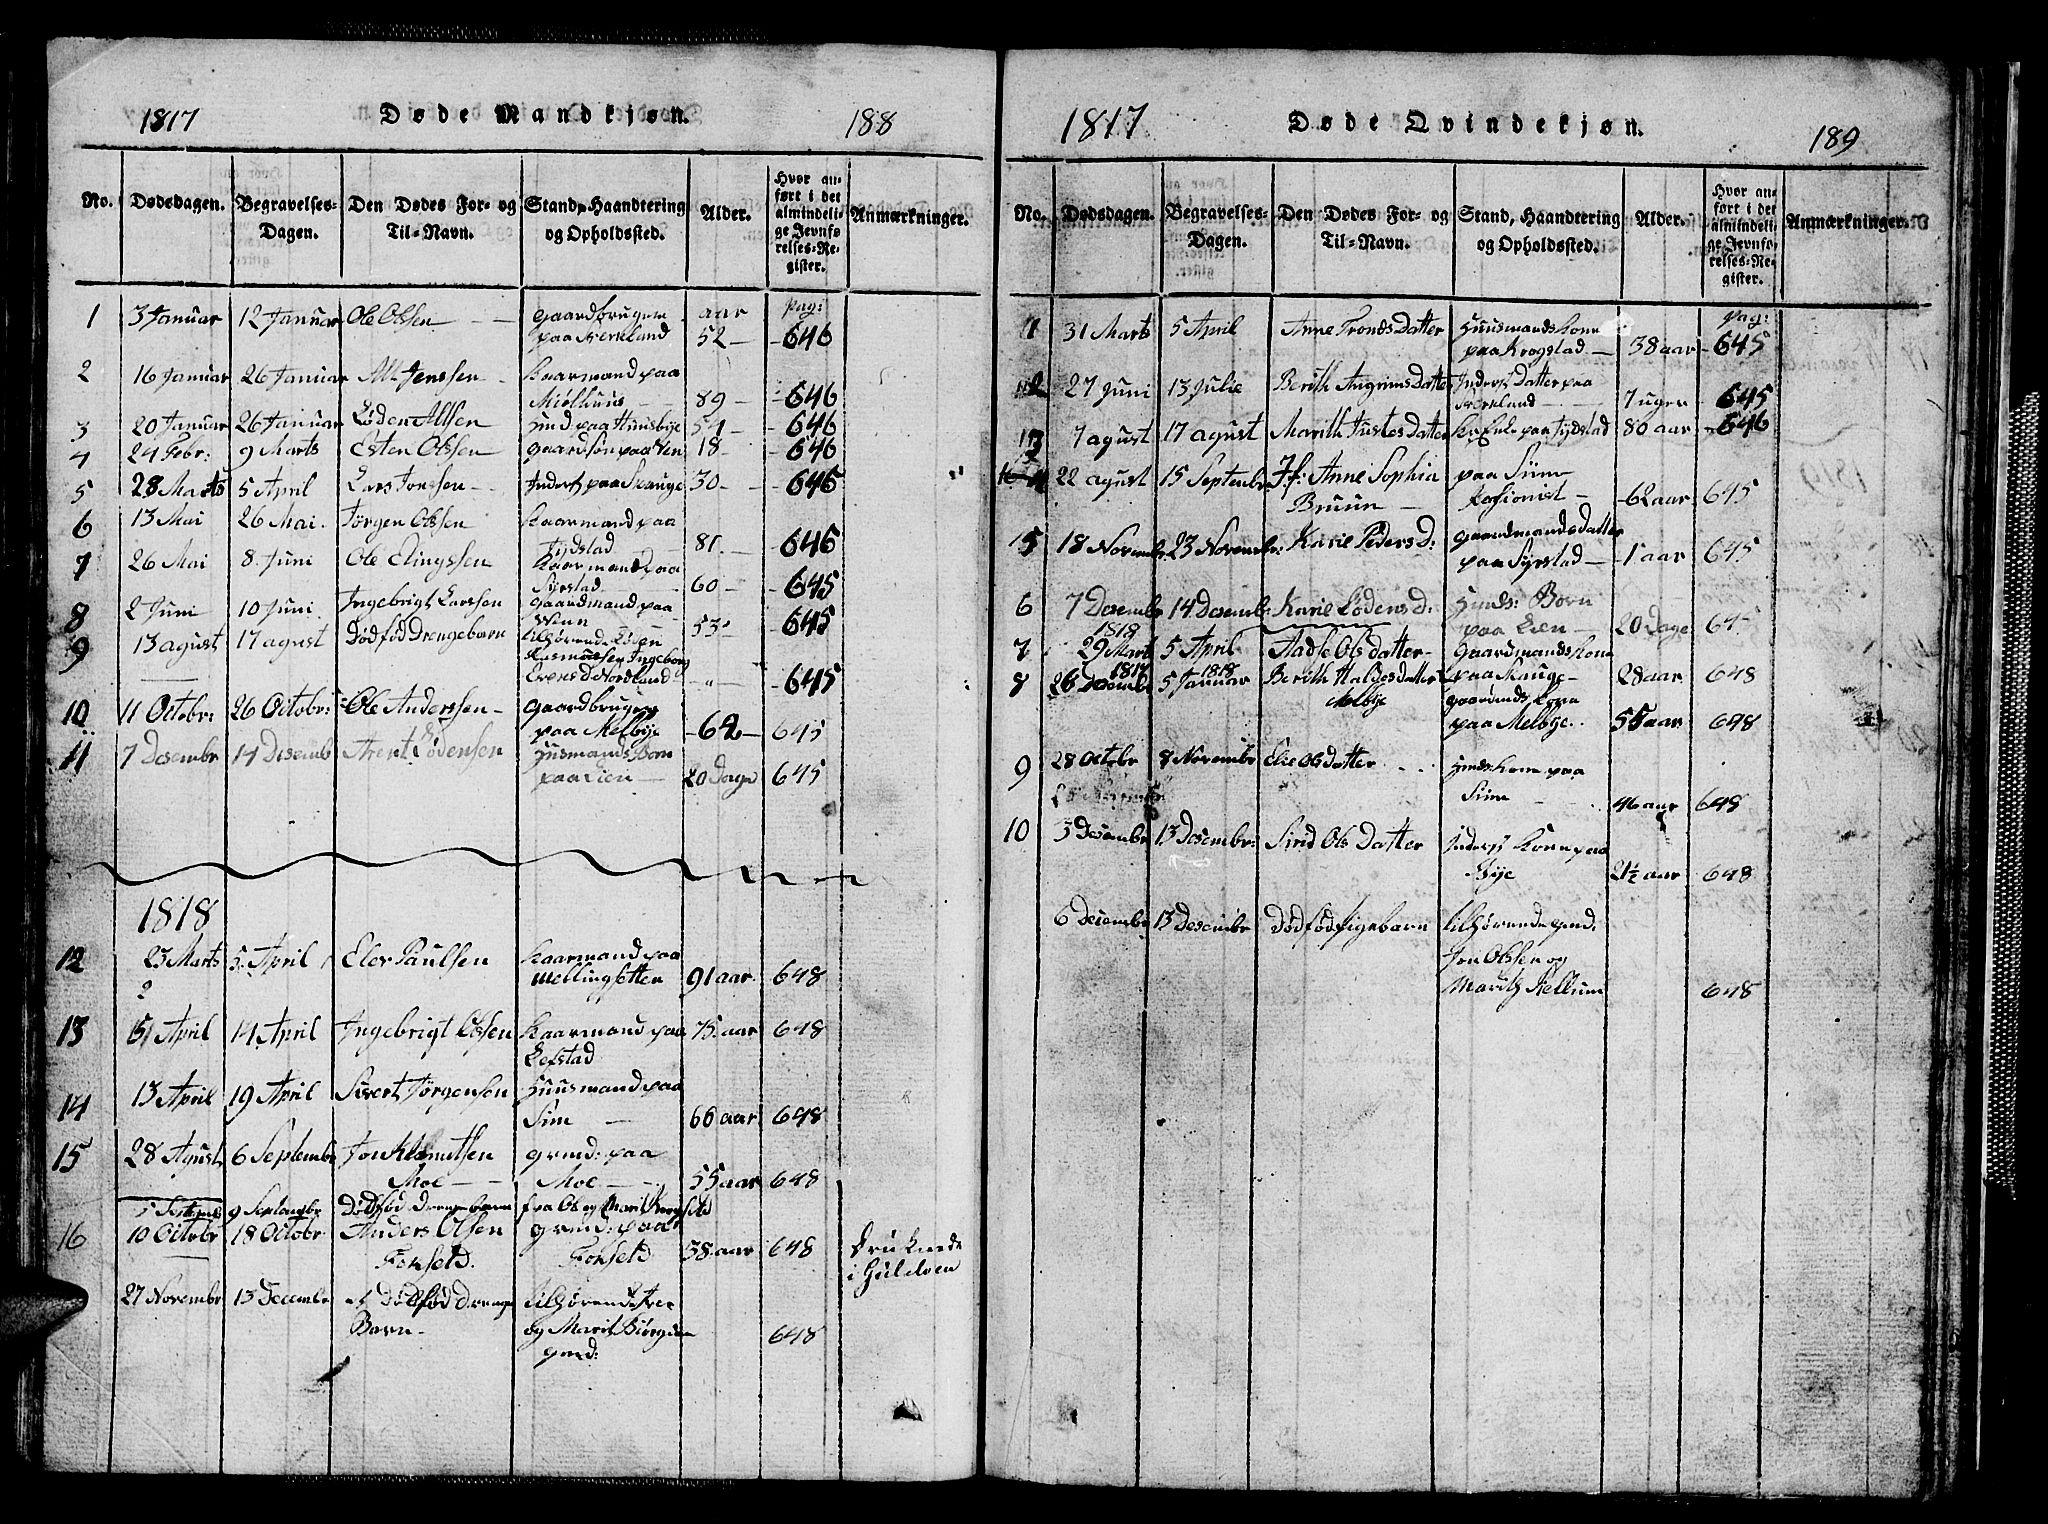 SAT, Ministerialprotokoller, klokkerbøker og fødselsregistre - Sør-Trøndelag, 667/L0796: Klokkerbok nr. 667C01, 1817-1836, s. 188-189